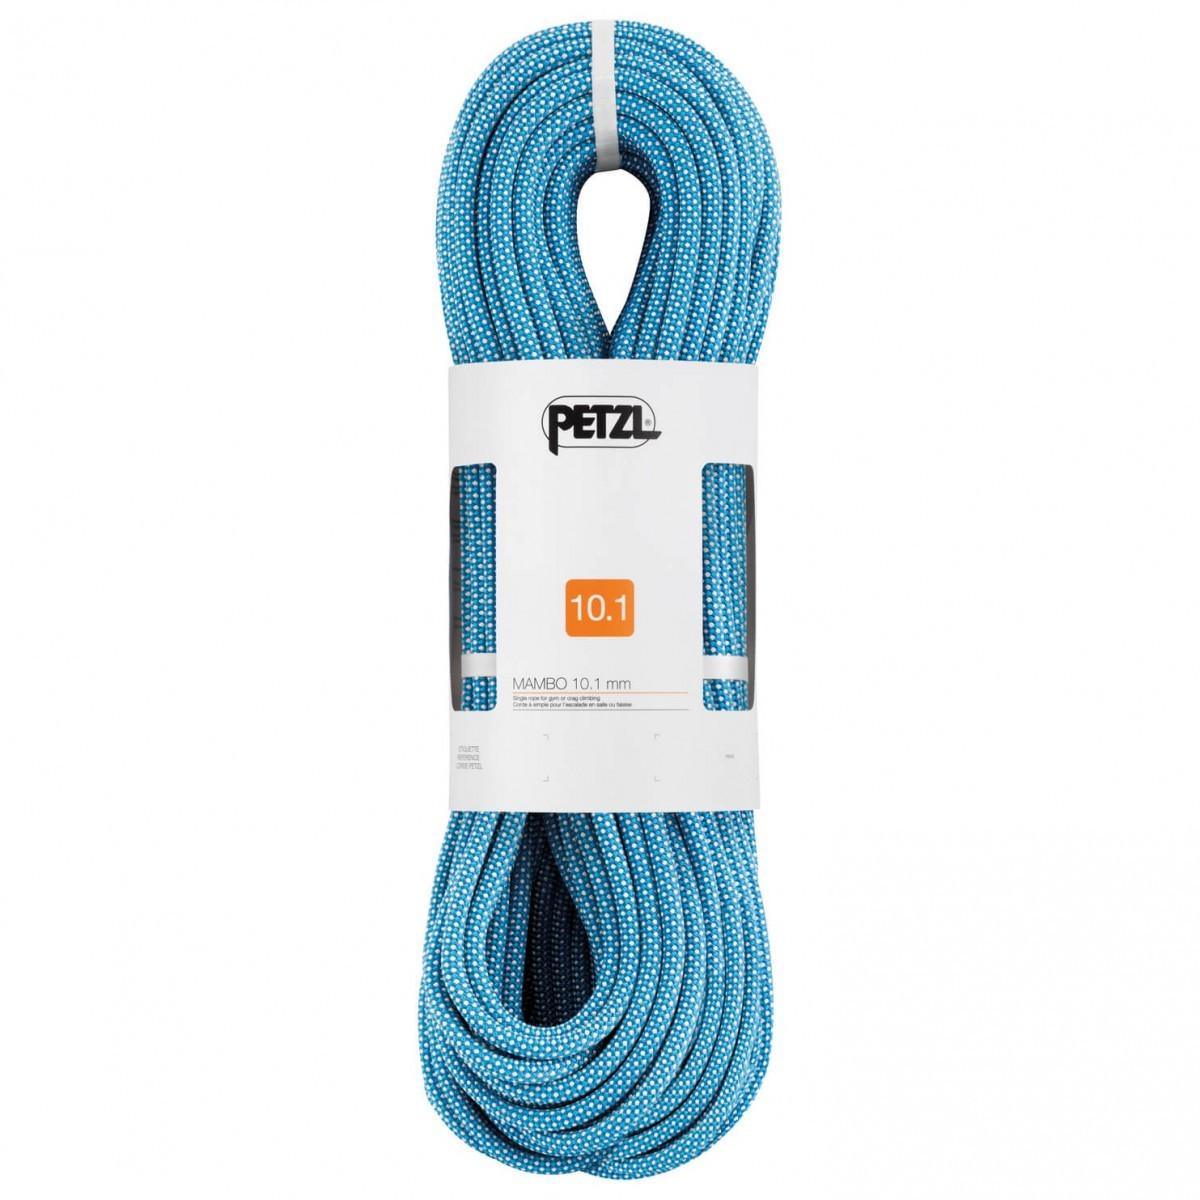 PETZL ペツル Mambo 10.1(60m - Blue)★ロープ・ザイル・登山・クライミング★